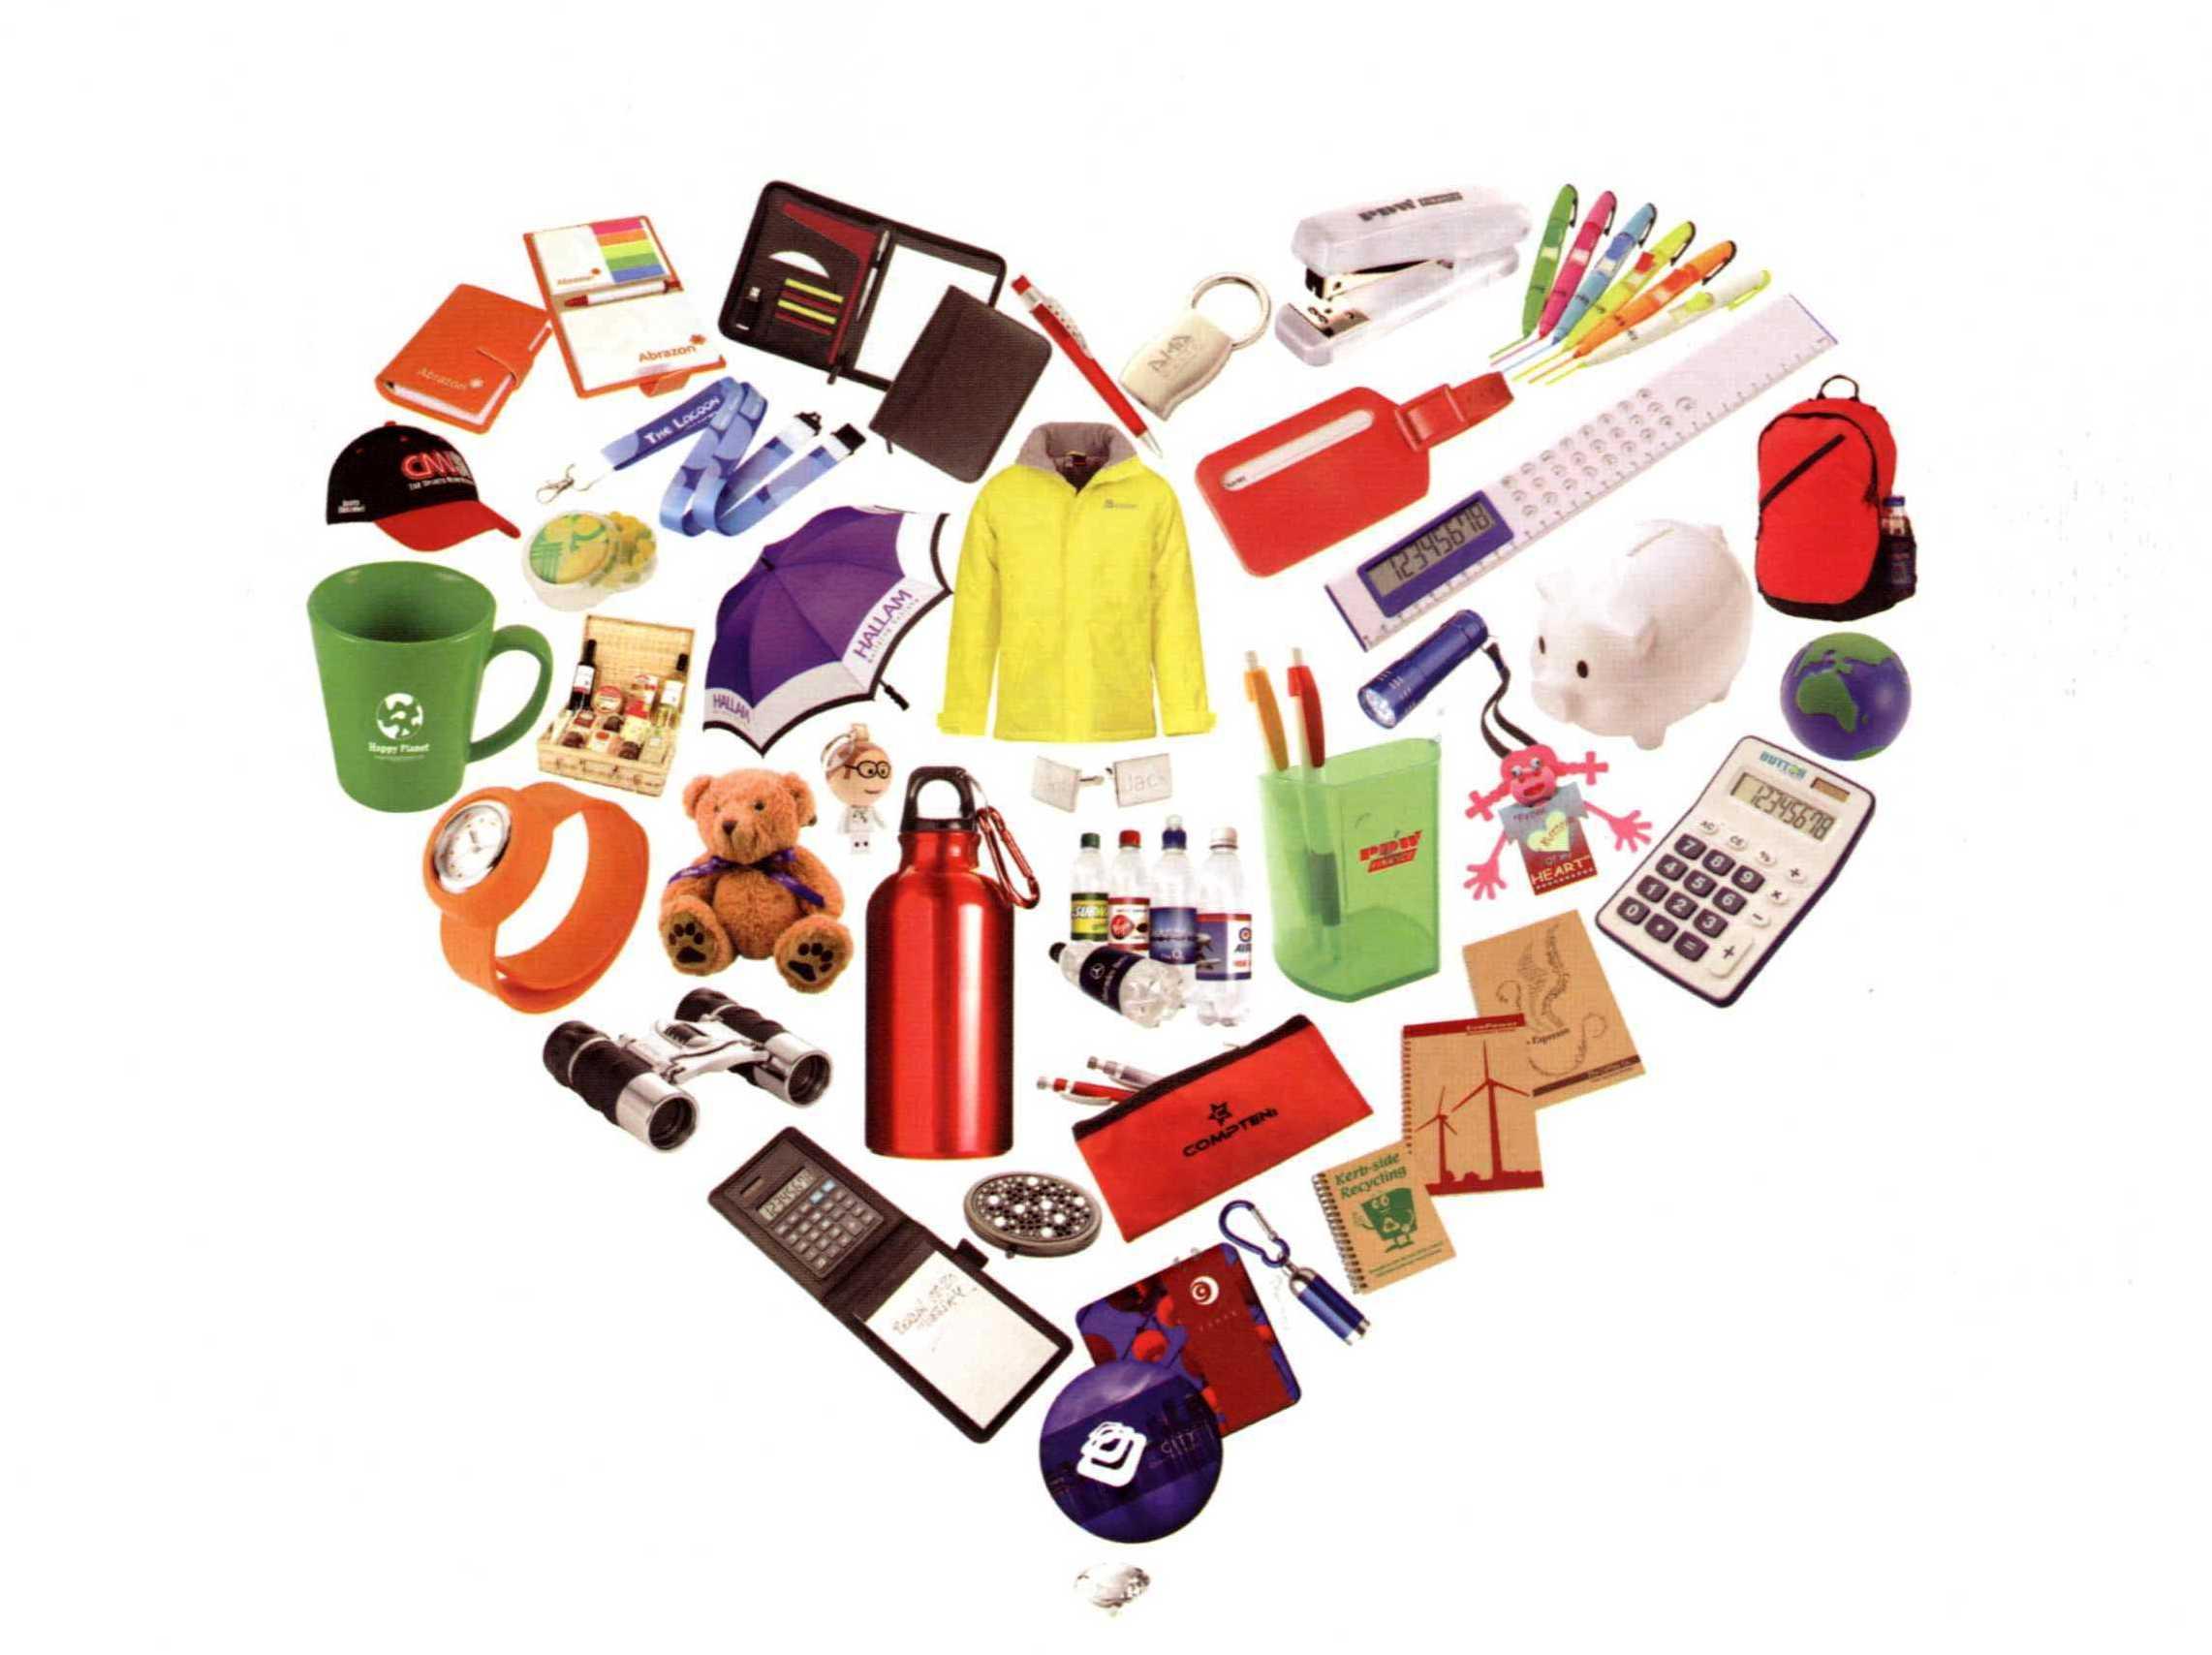 эконом класса картинки товары для дома и не только сегодня, продолжая лучшие